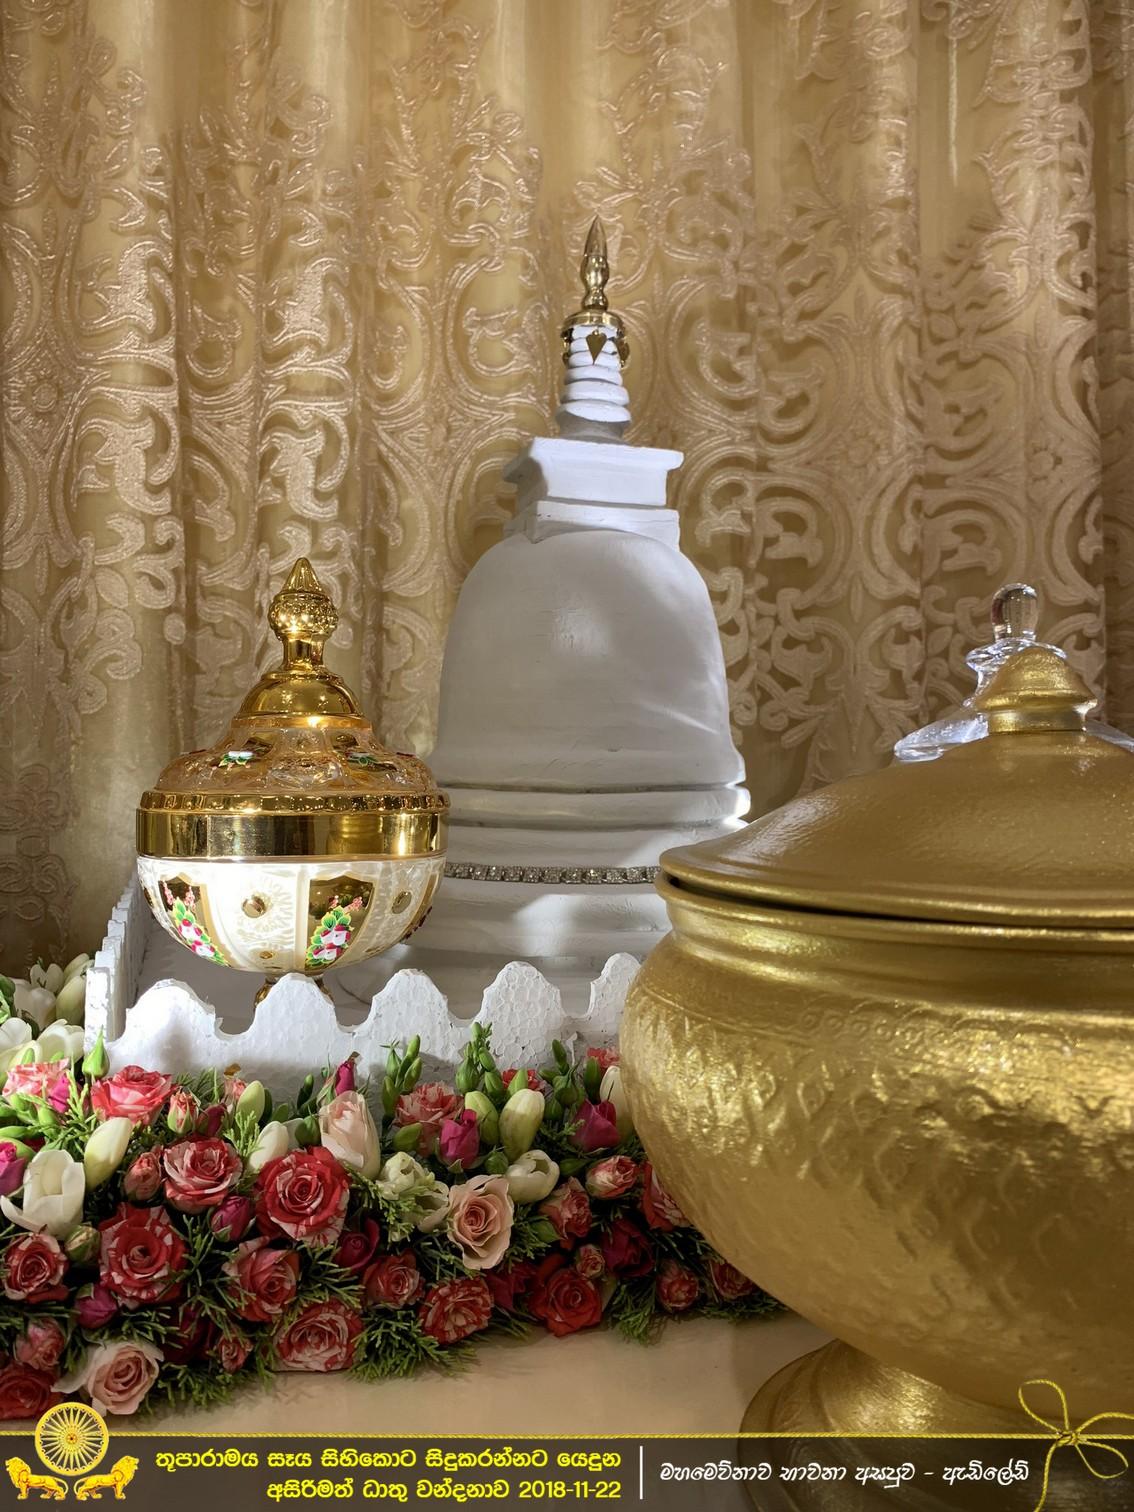 Thuparama011